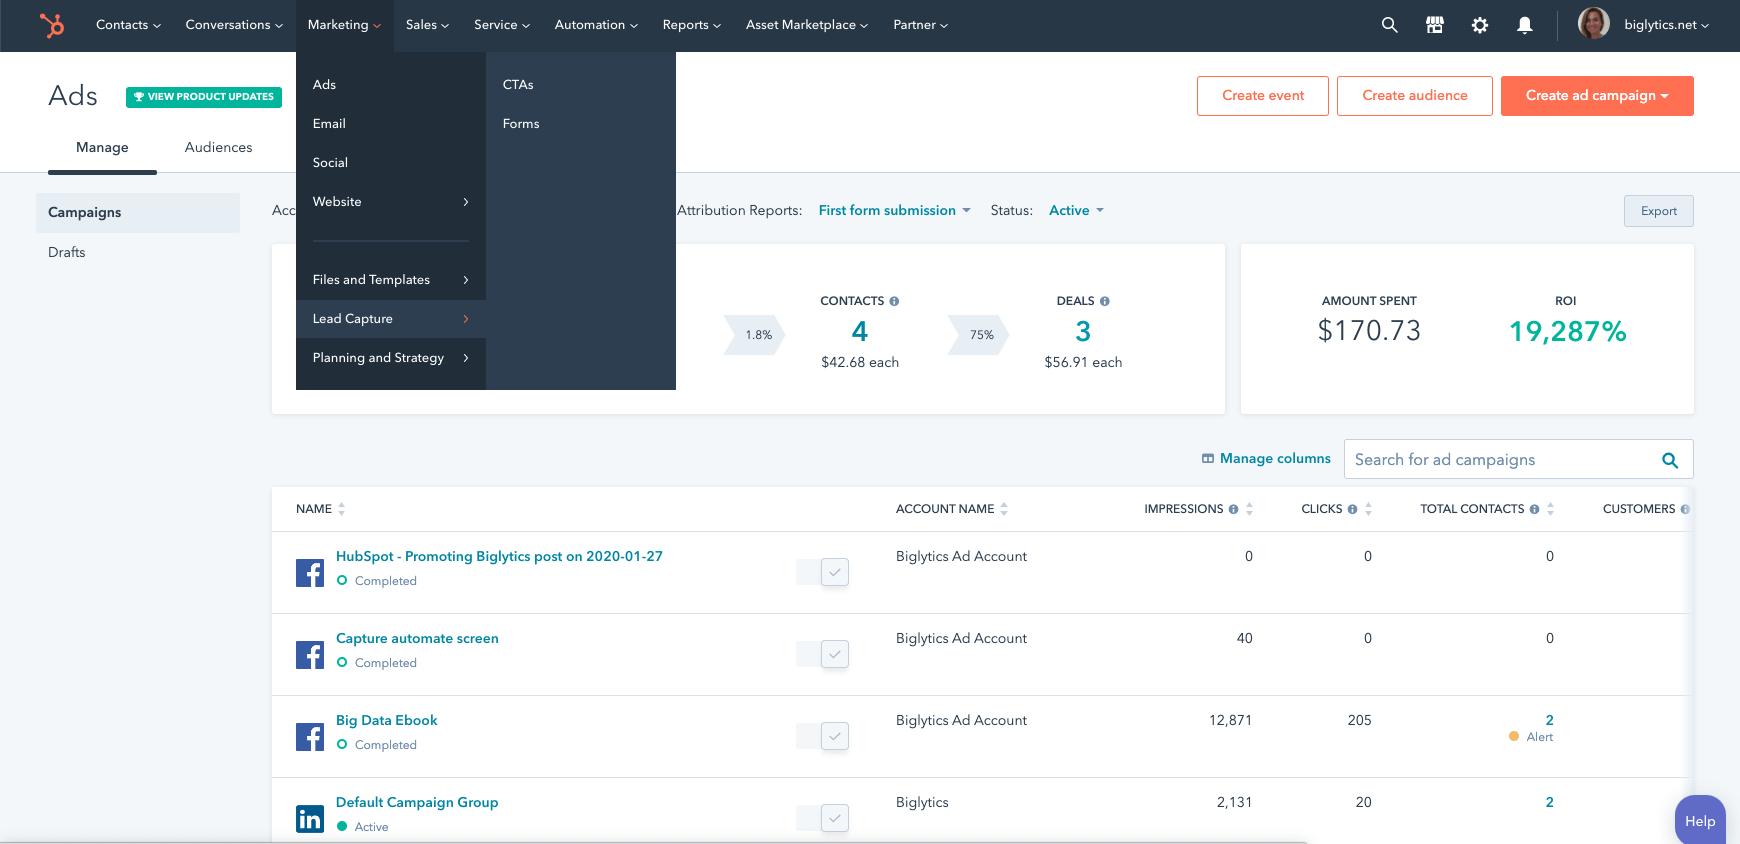 HubSpot Marketing Hub onboarding